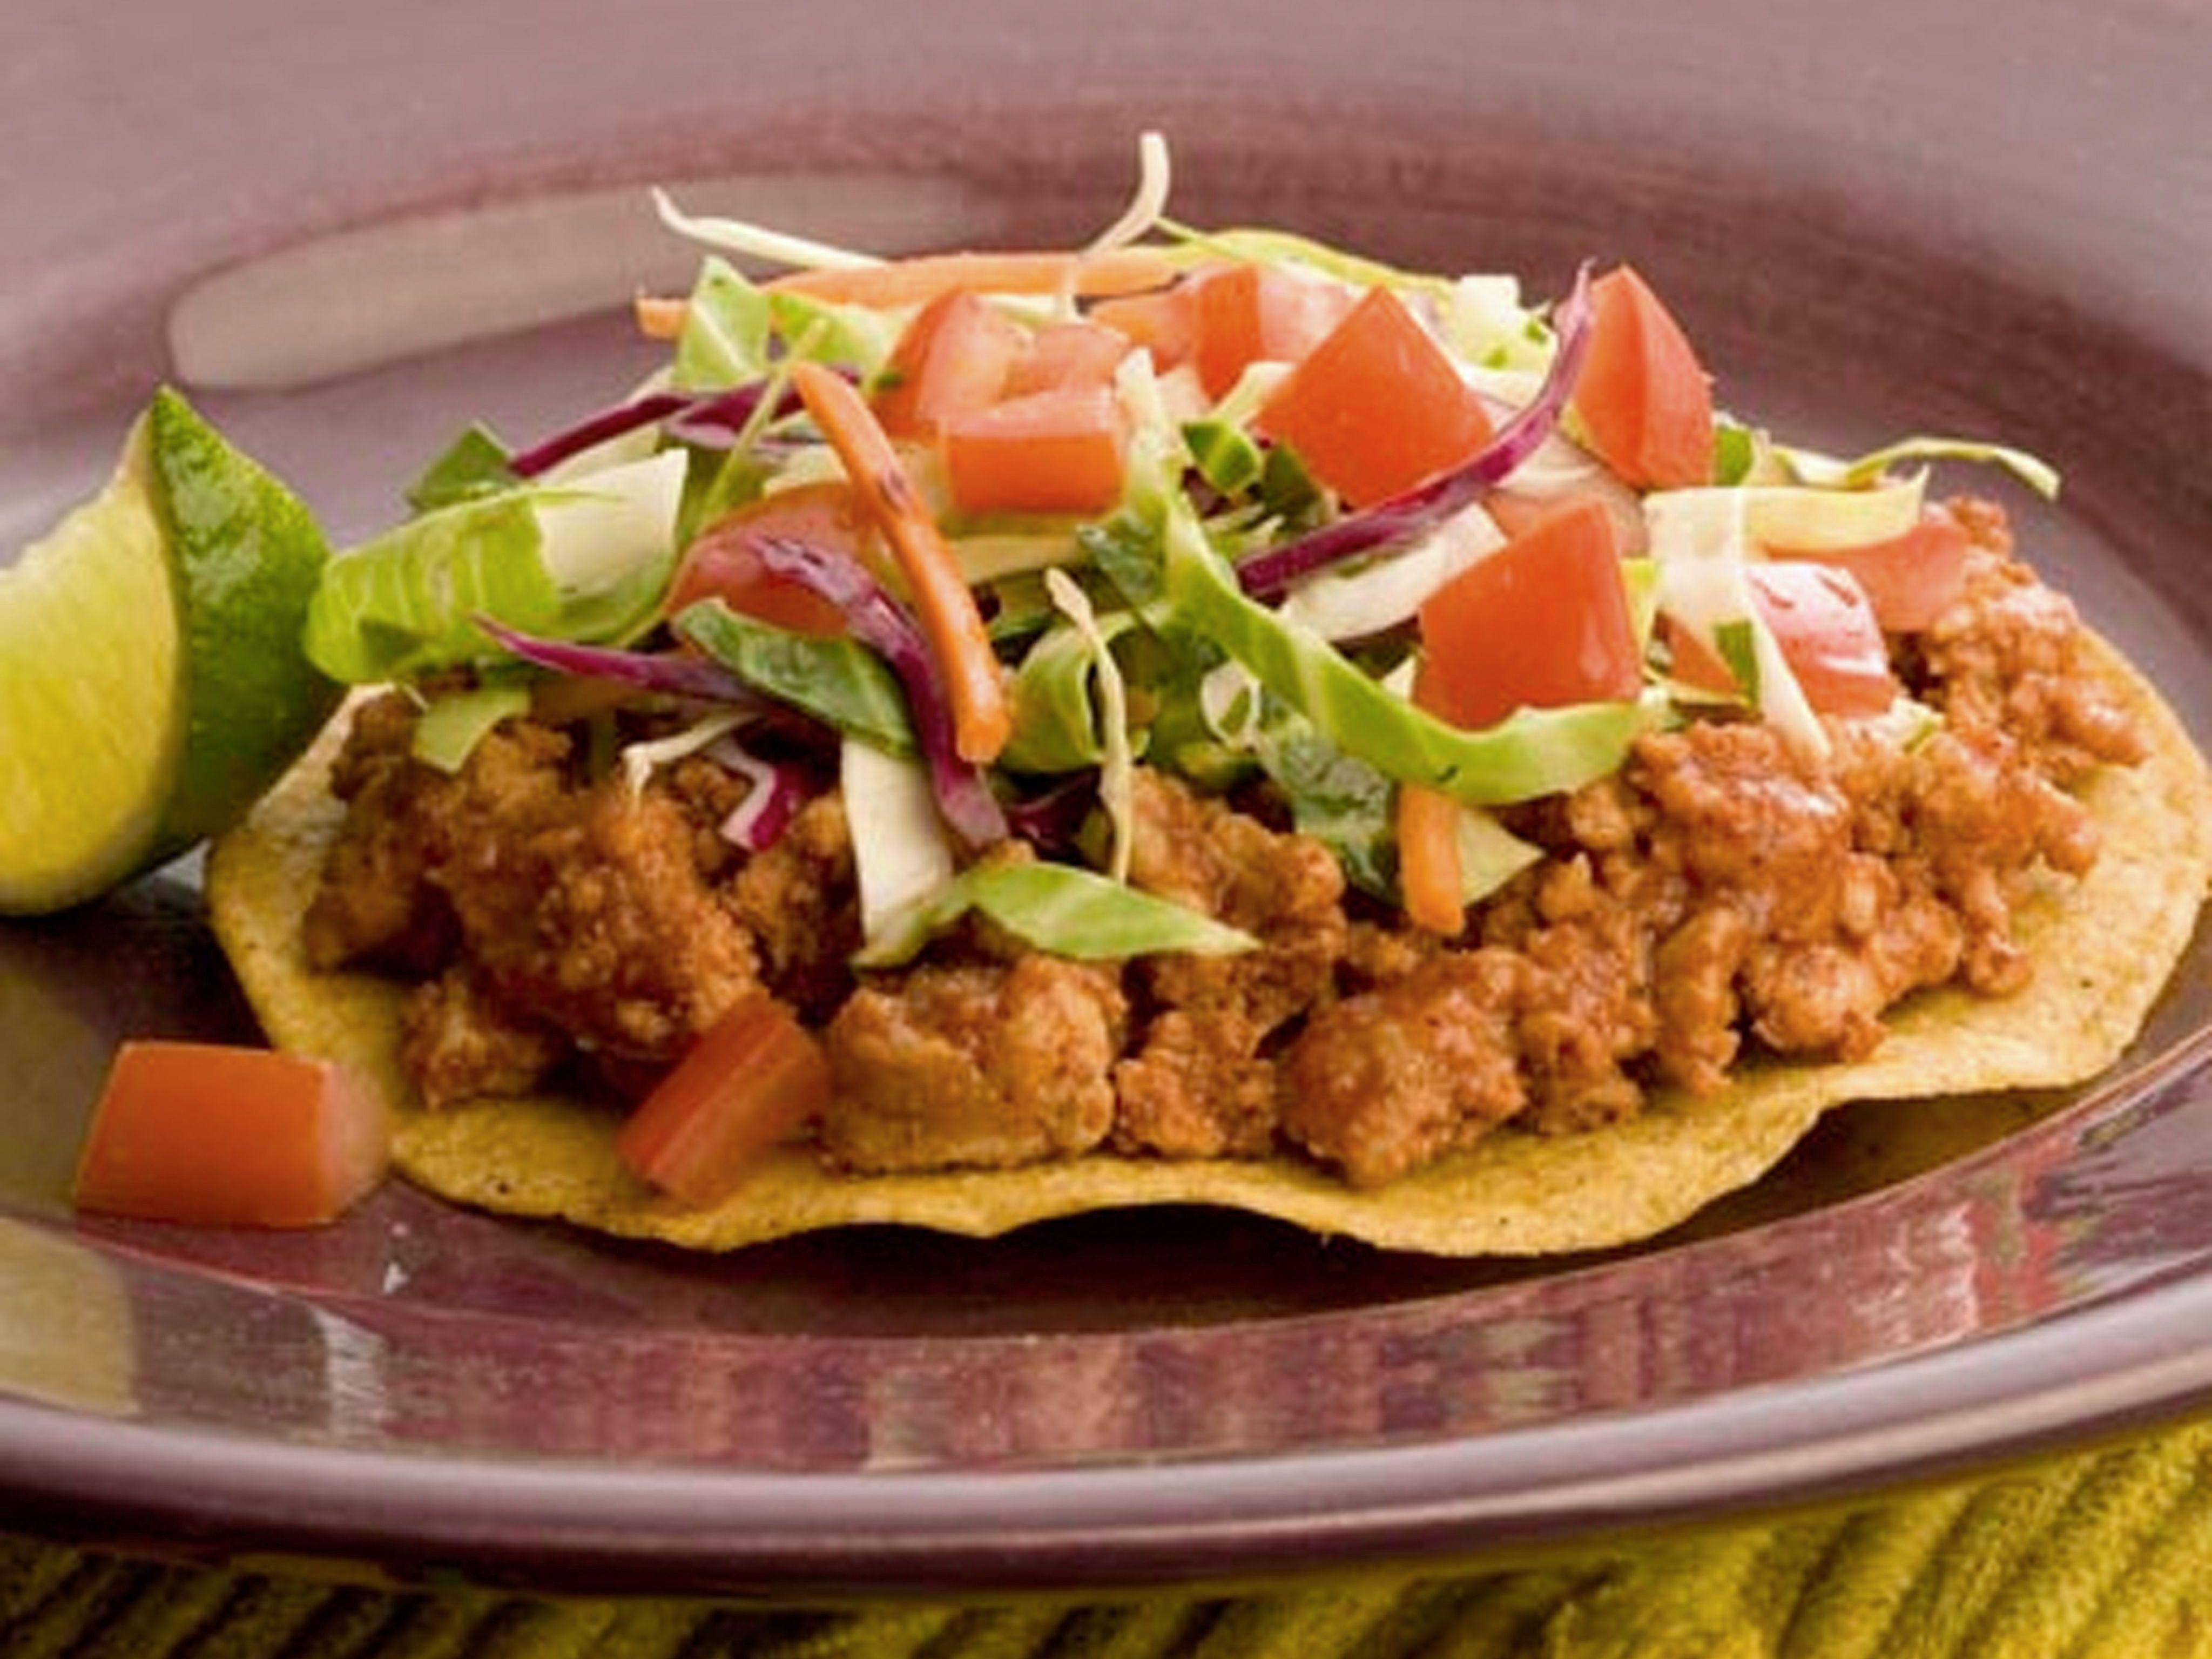 Spicy Turkey Tostadas Recipe : Food Network - FoodNetwork ...